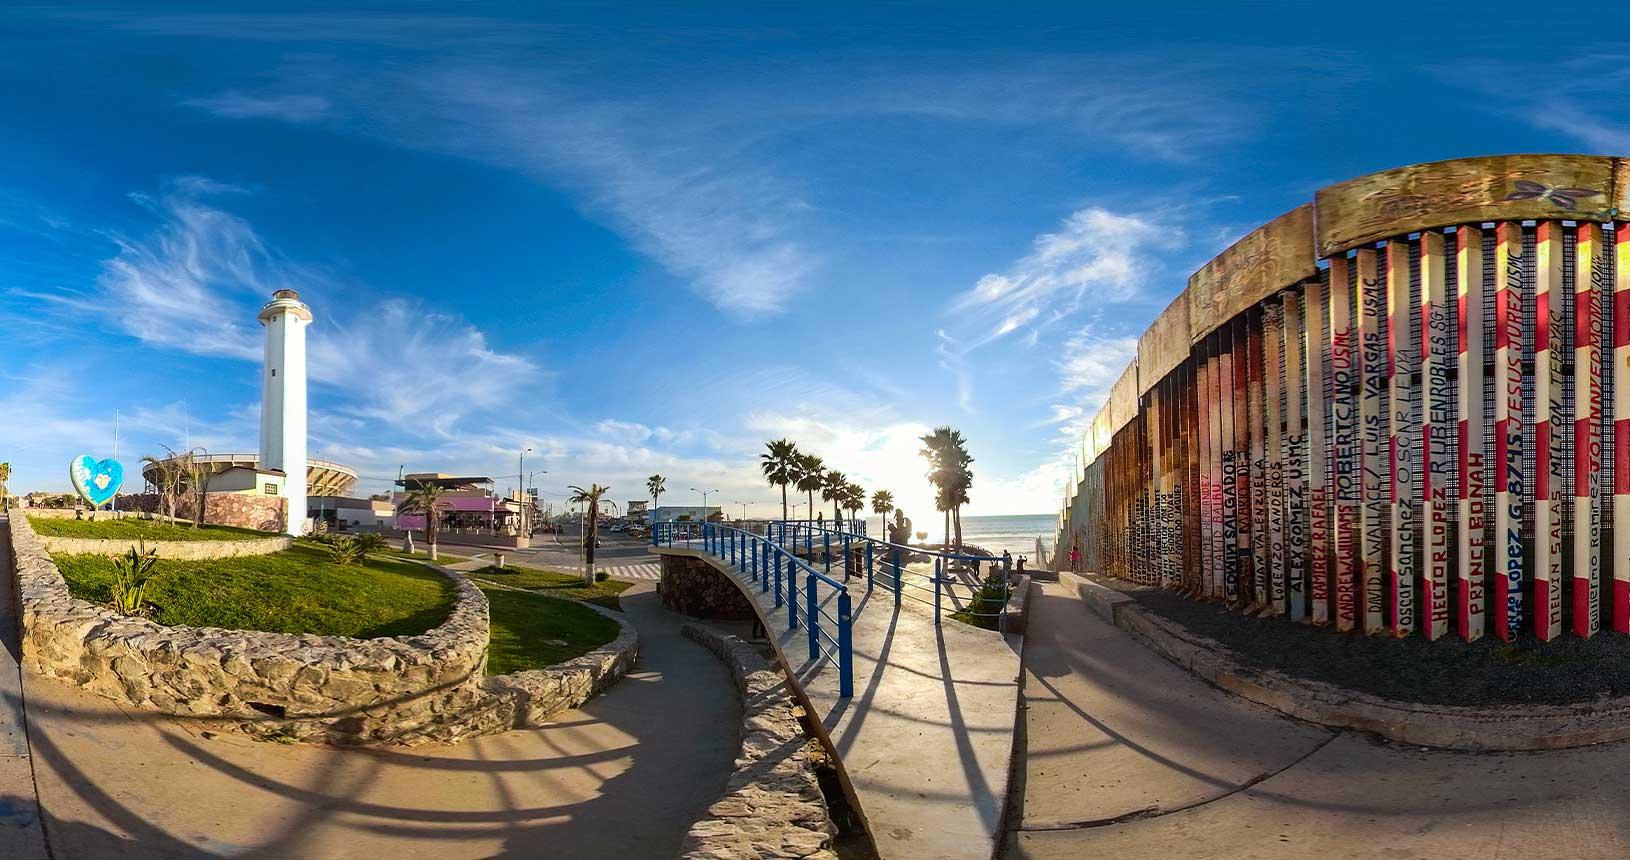 Tijuana Baja California